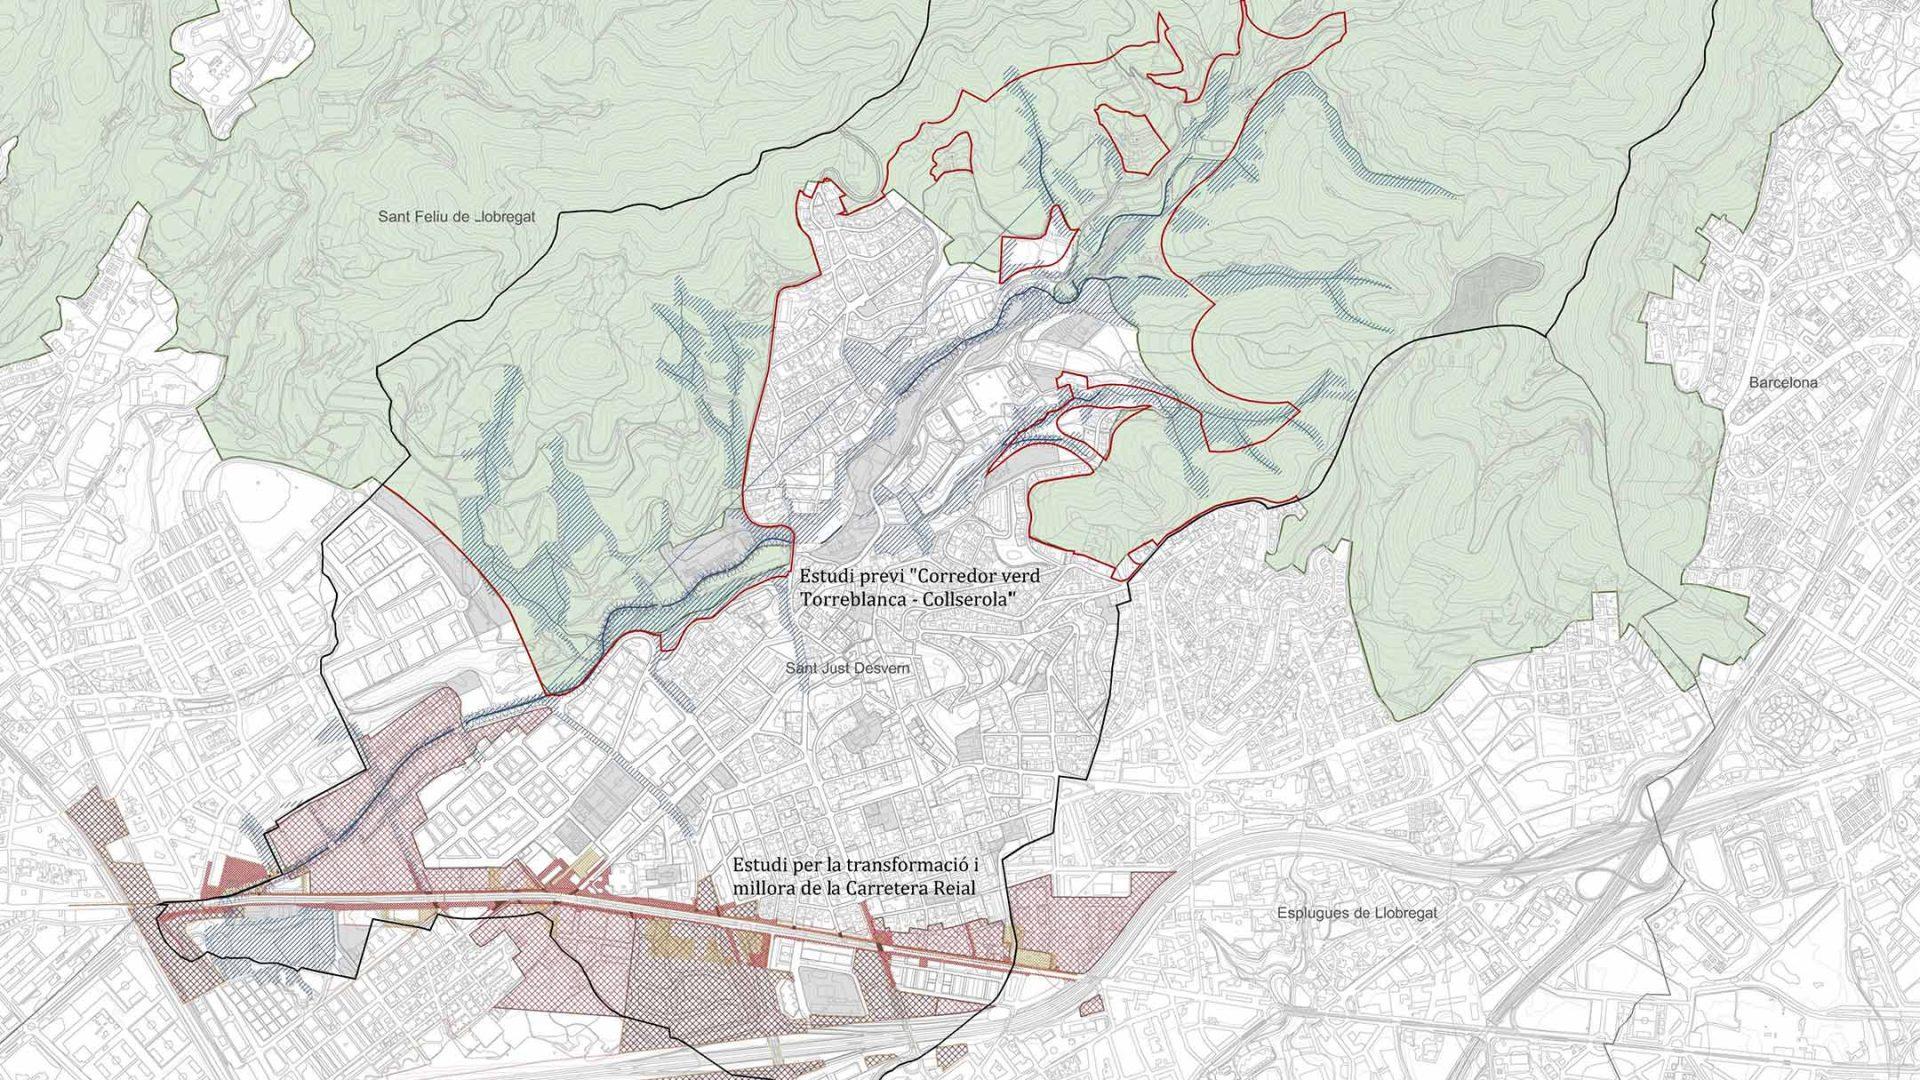 Propostes existents de transformació urbanística a Sant Just Desvern